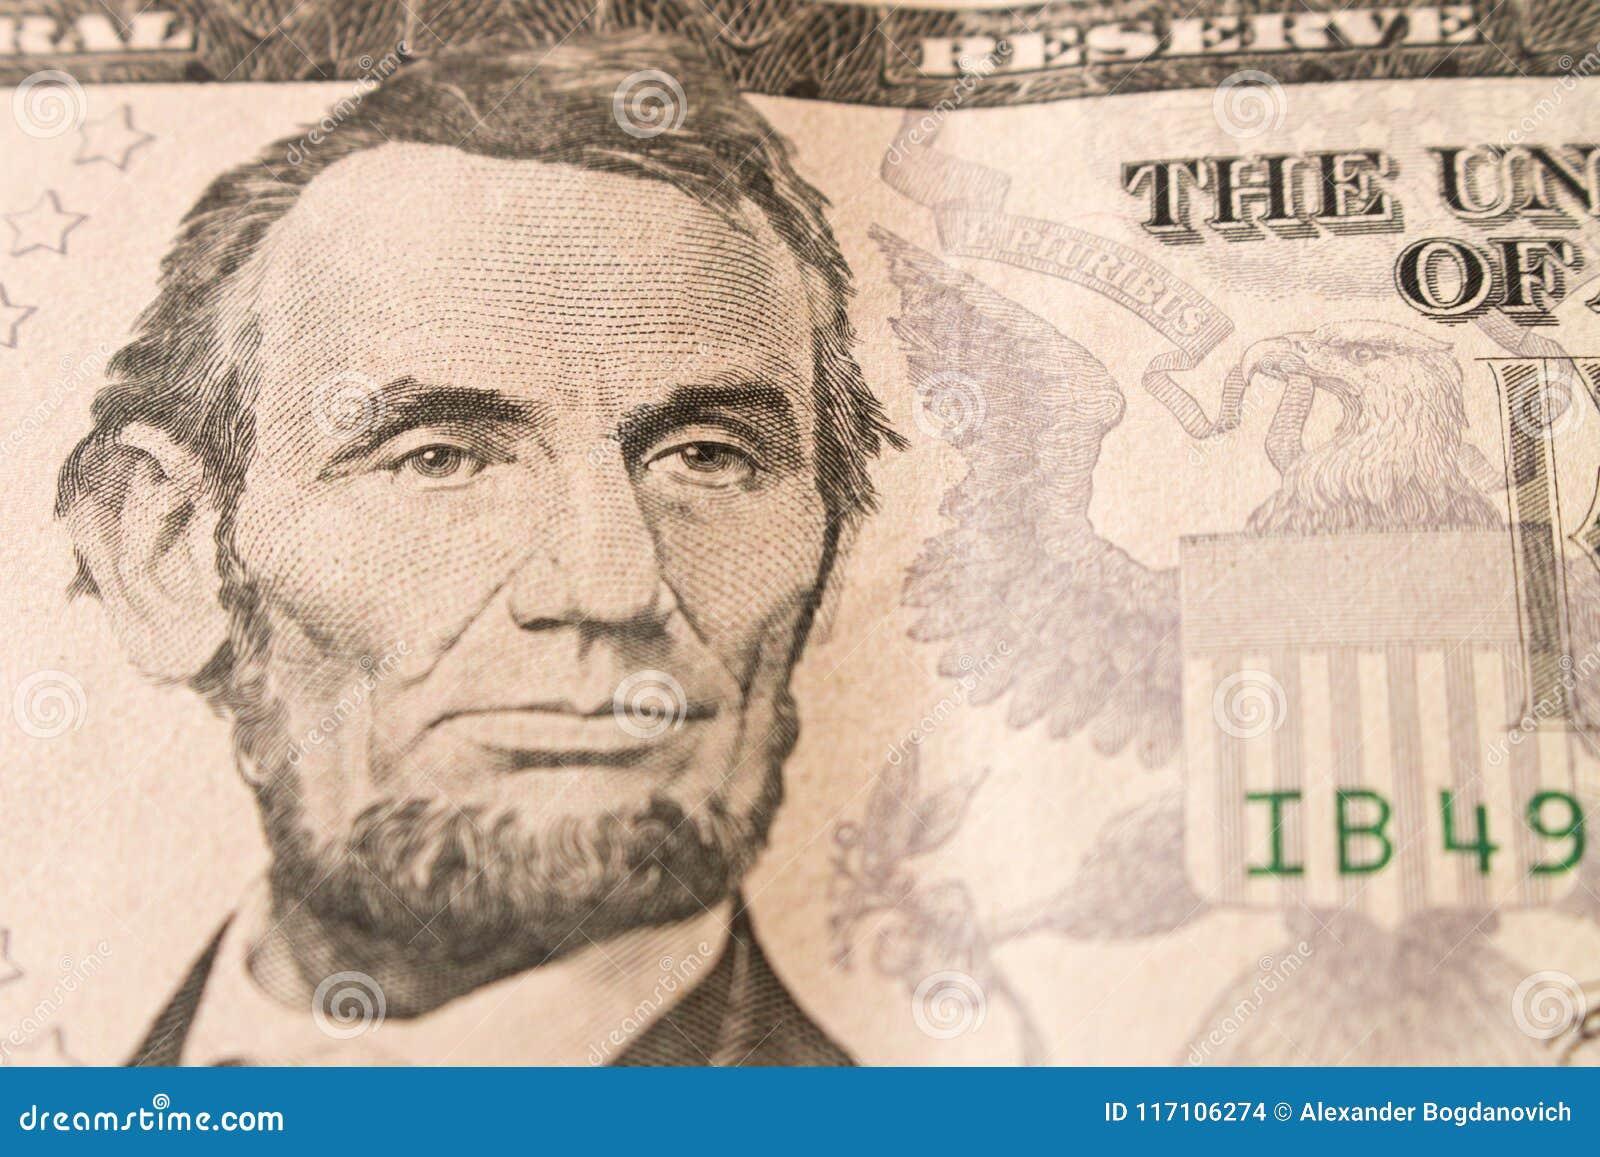 Een portret van President Abraham Lincoln op 5 dollarrekening sluit